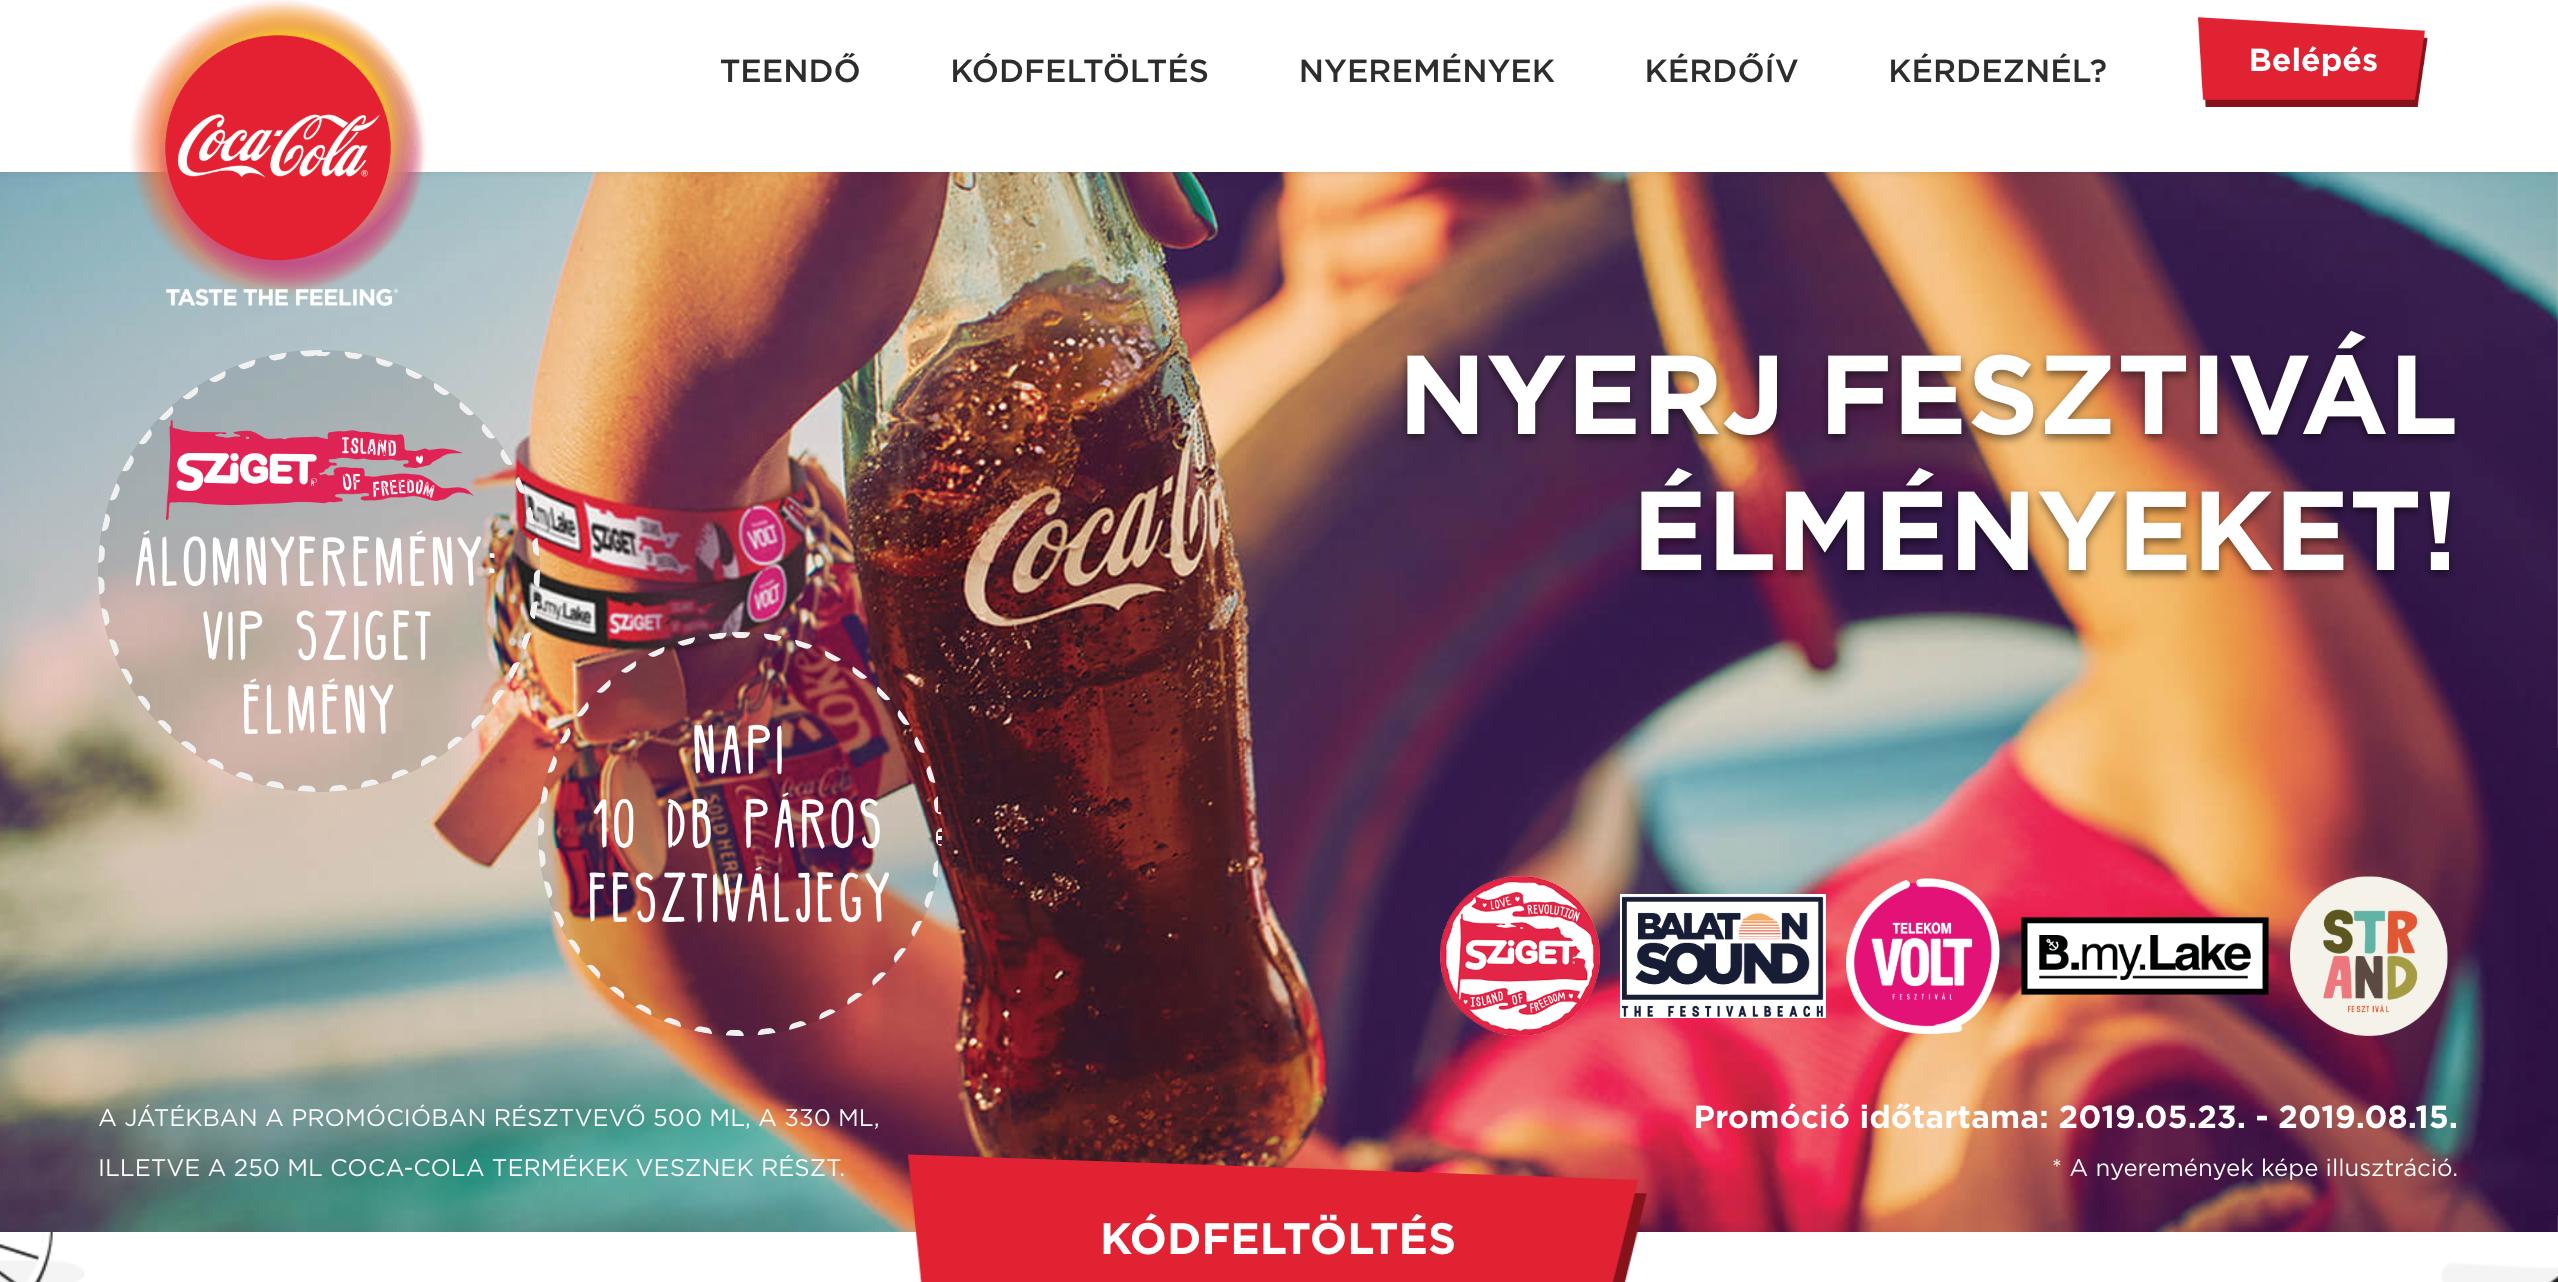 Coca-Cola microsite